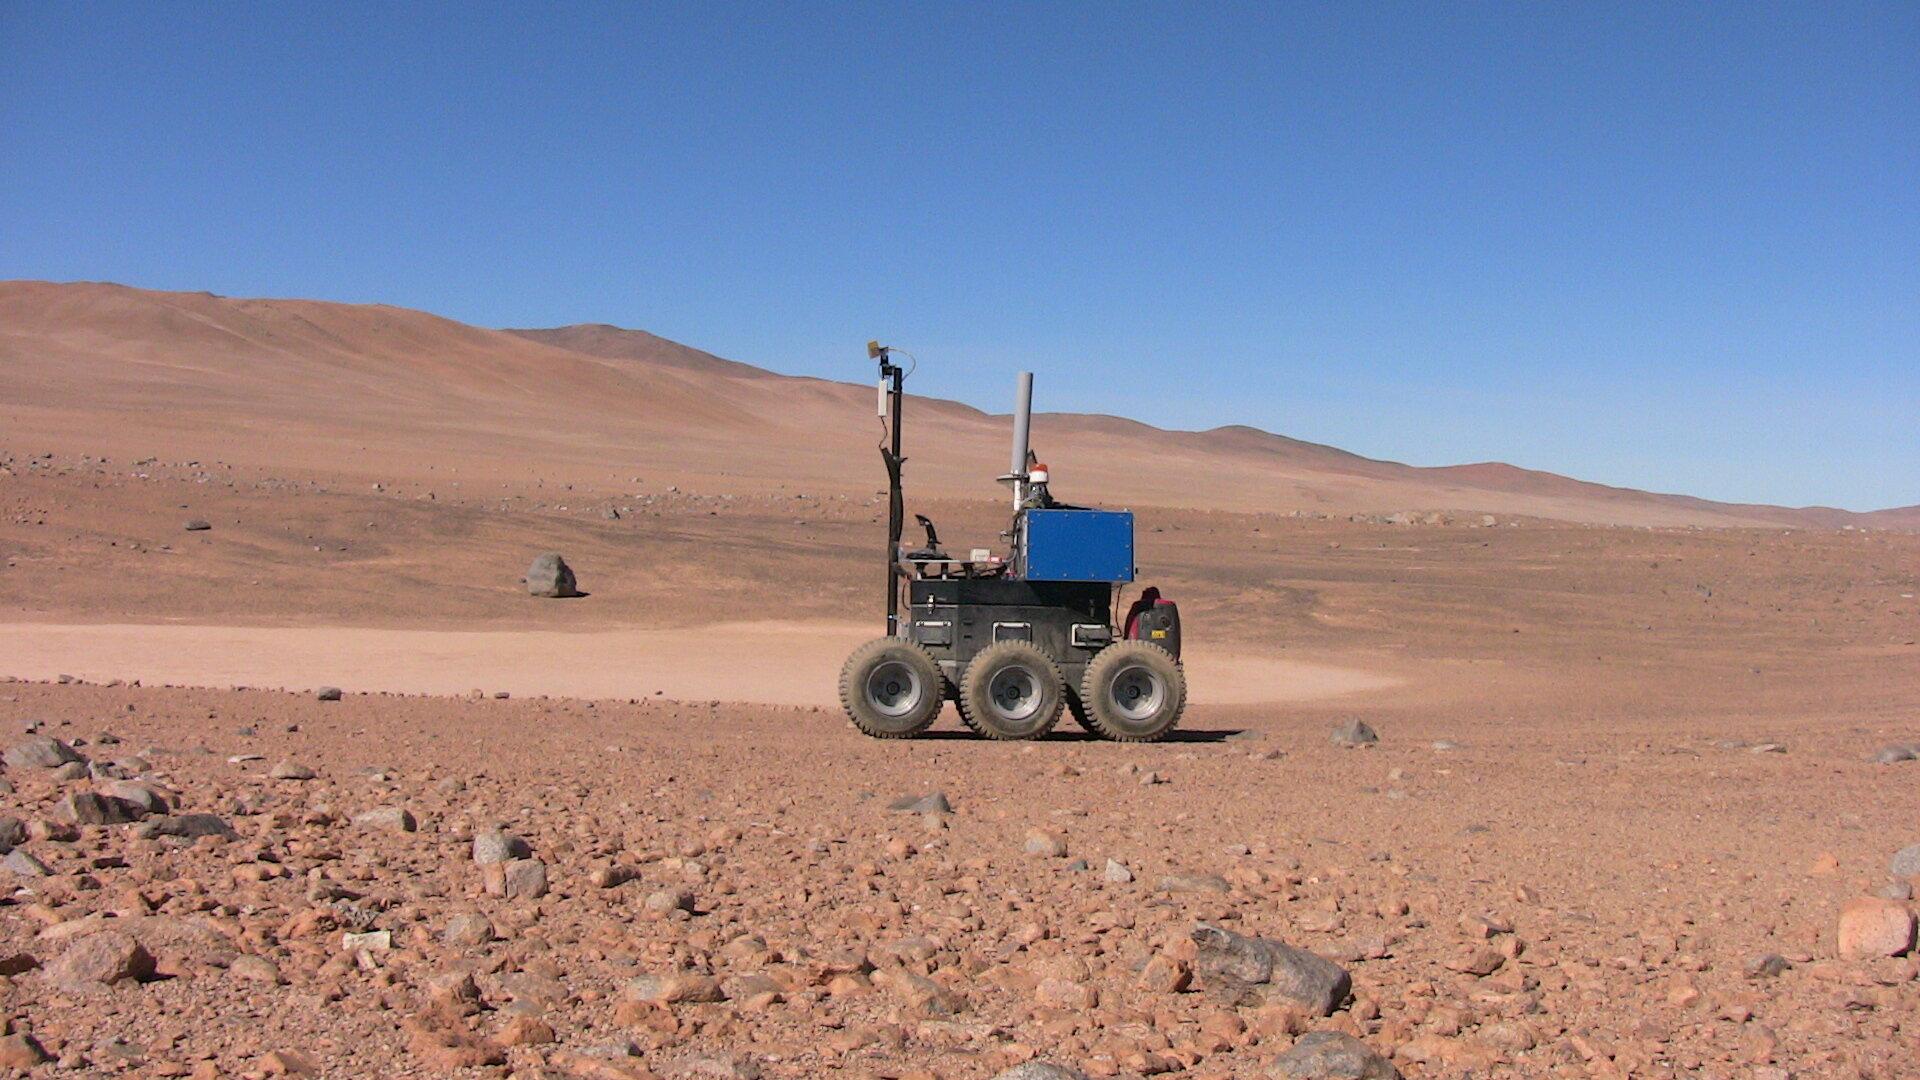 ESA_rover_in_Atacama_Desert_pillars.jpg.43cf5bc029ec88ff2754be0b4eb5b52d.jpg